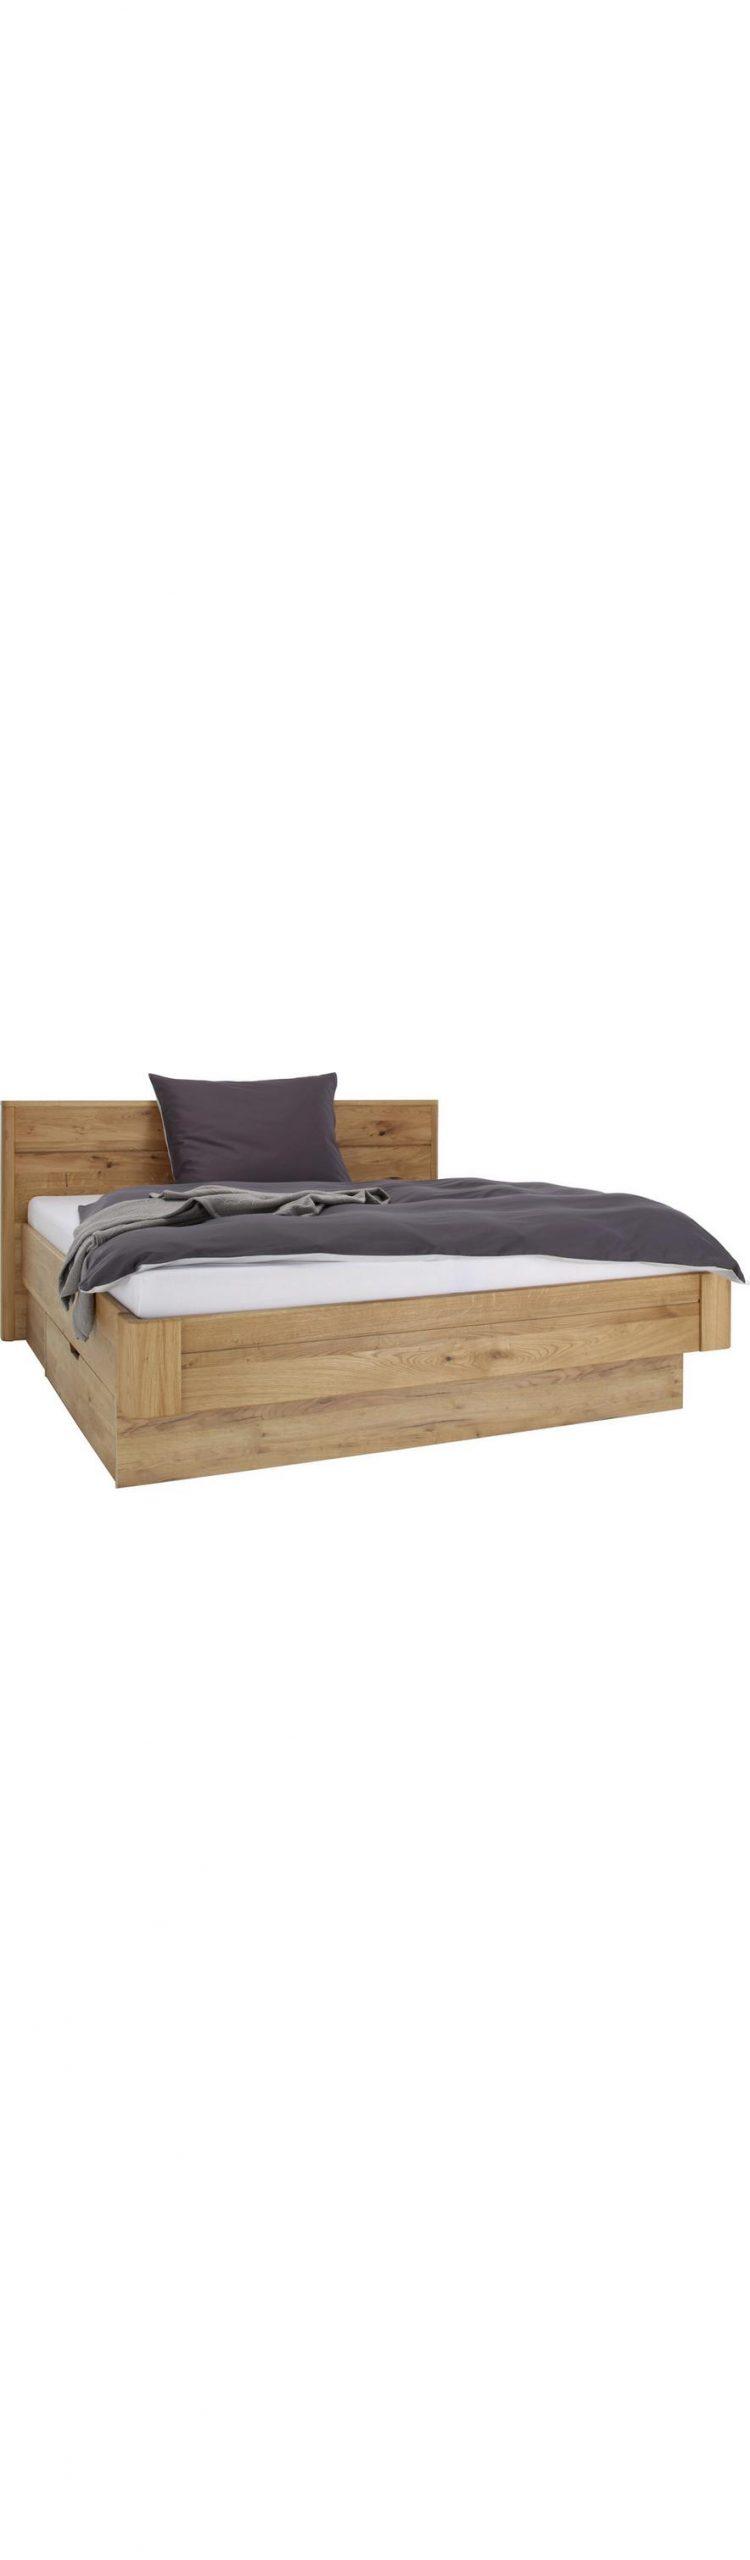 Full Size of Wasser Bett Bettkasten 140x200 Günstig Ausstellungsstück Betten Kaufen Kingsize Jugendzimmer Konfigurieren Bambus Holz Esstisch 120x200 Aus Hamburg Barock Bett Bett Holz